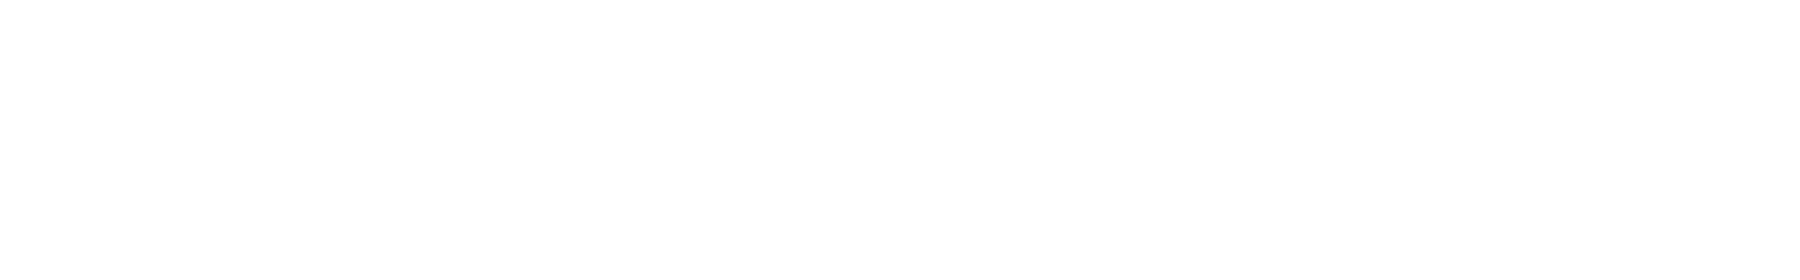 194423 drumloopbreakskit006 wav